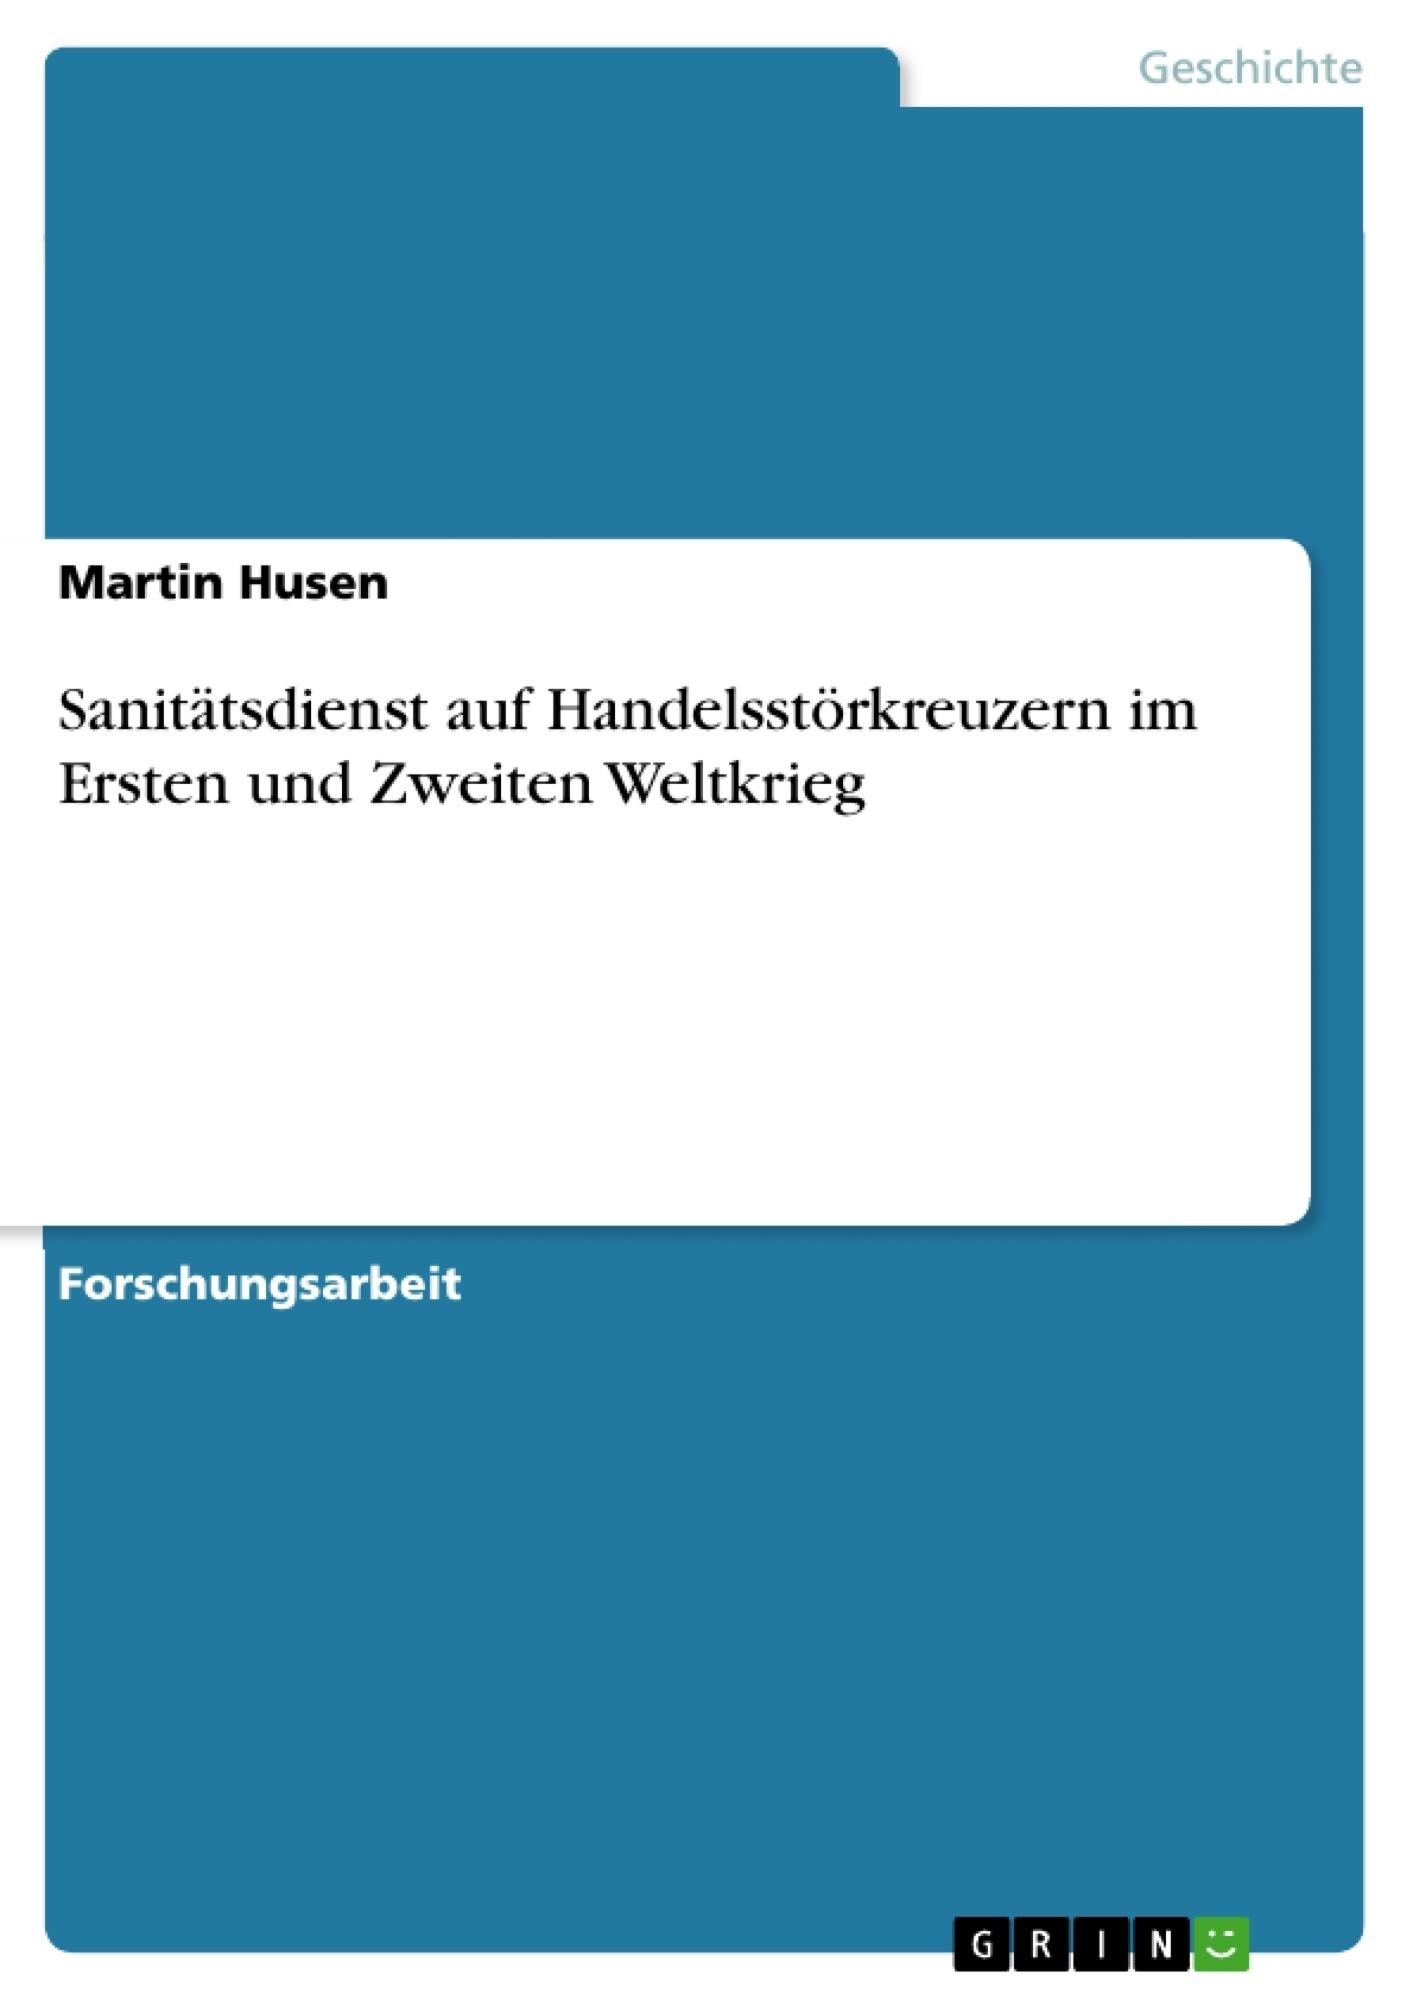 Titel: Sanitätsdienst auf Handelsstörkreuzern im Ersten und Zweiten Weltkrieg